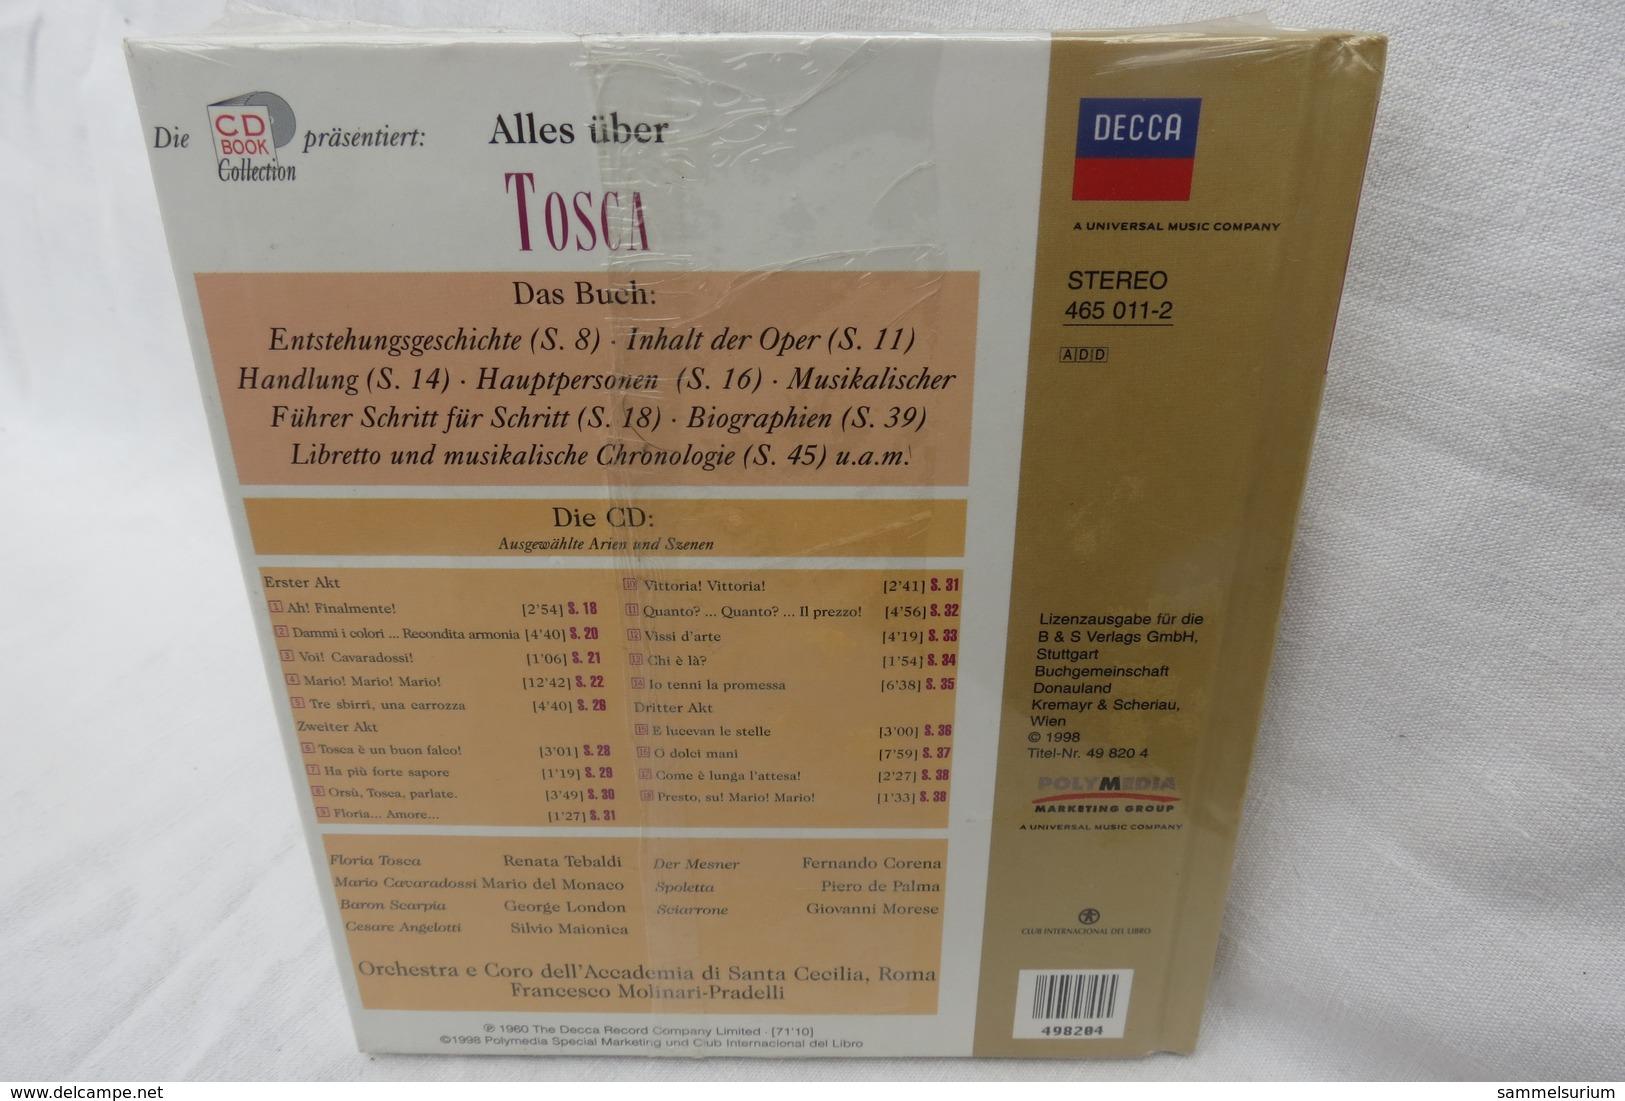 """CD """"TOSCA Von Giacomo Puccini"""" Mit Buch Aus Der CD Book Collection (ungeöffnet, Original Eingeschweißt) - Oper & Operette"""